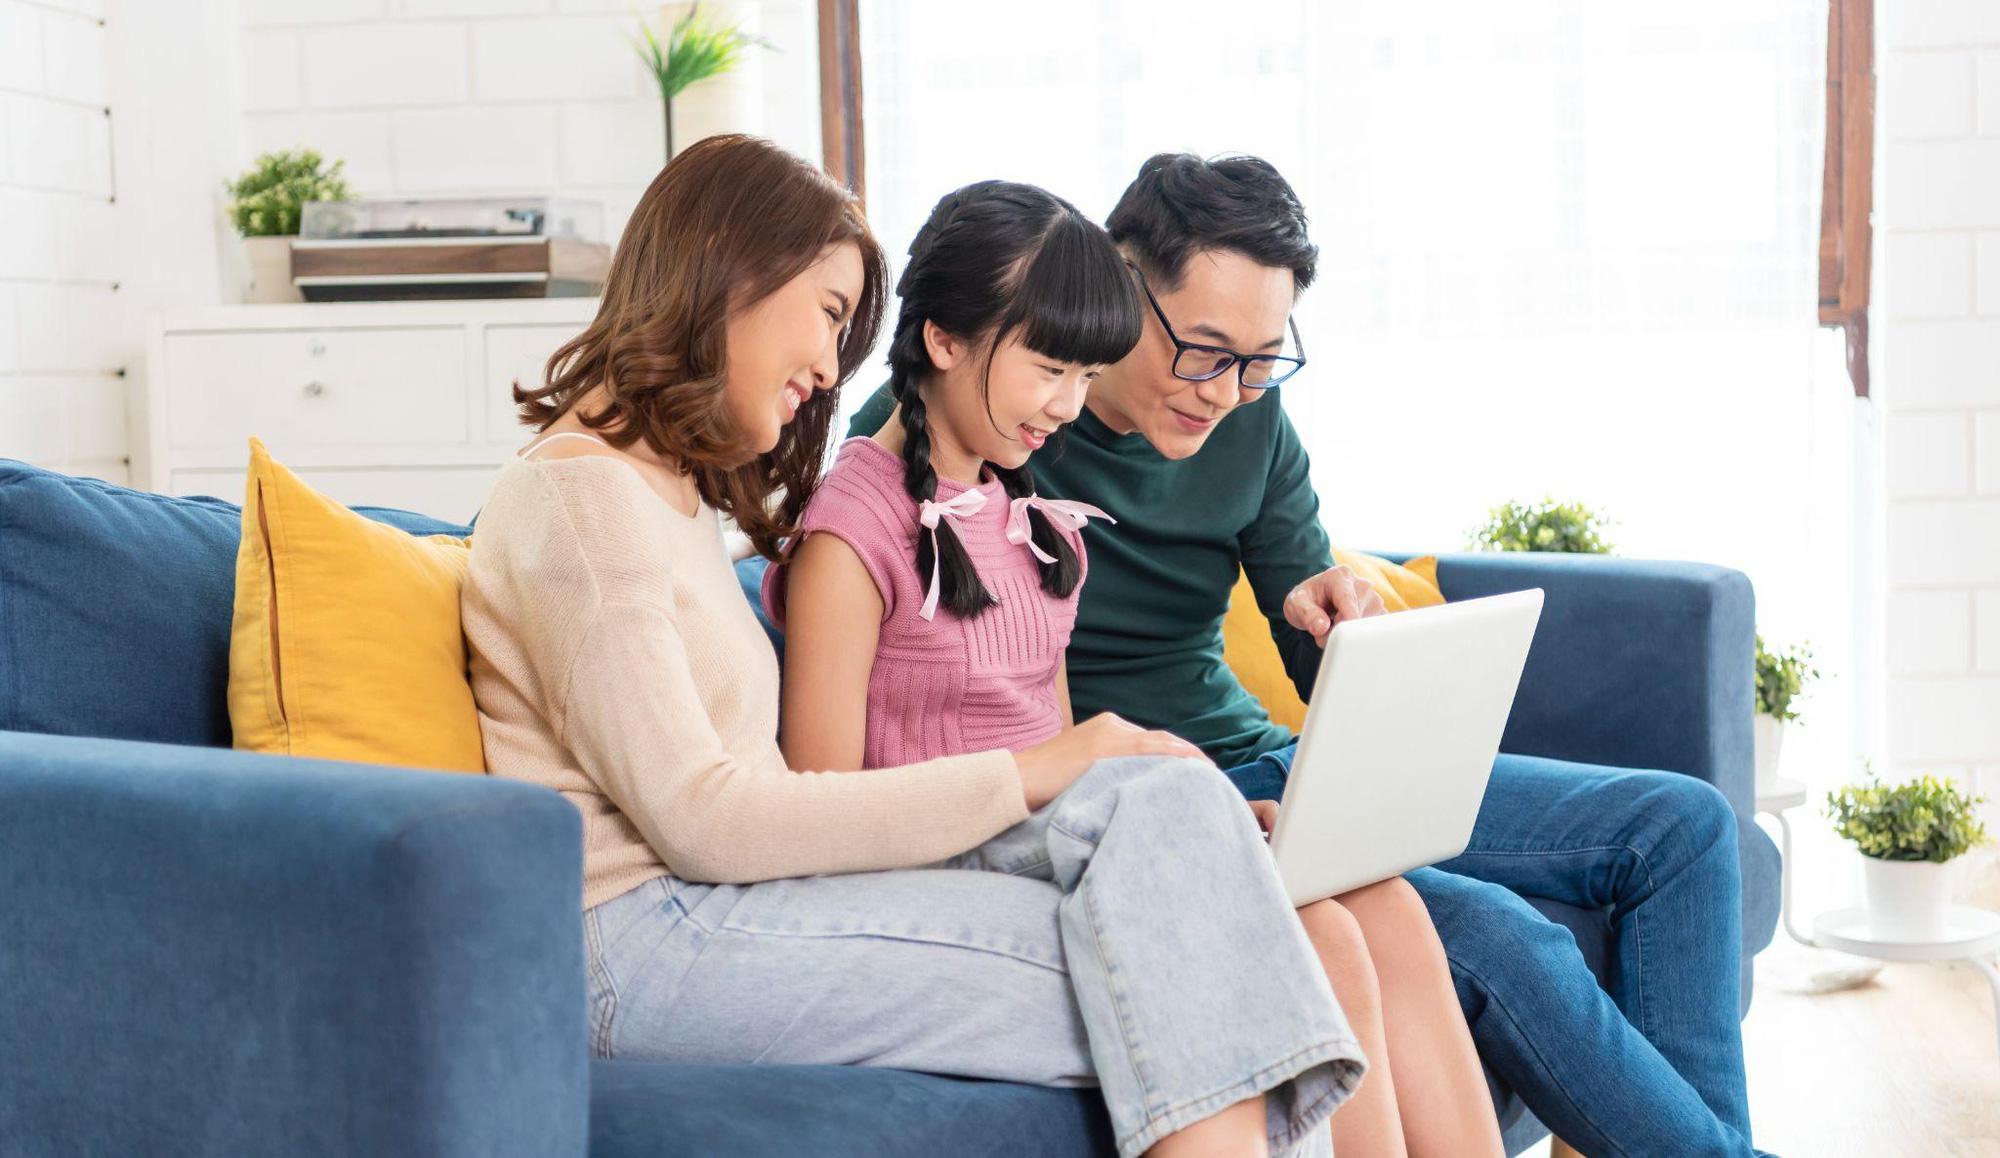 Nguyên tắc vàng giúp trẻ tạo thói quen sử dụng internet an toàn, lành mạnh - Ảnh 1.